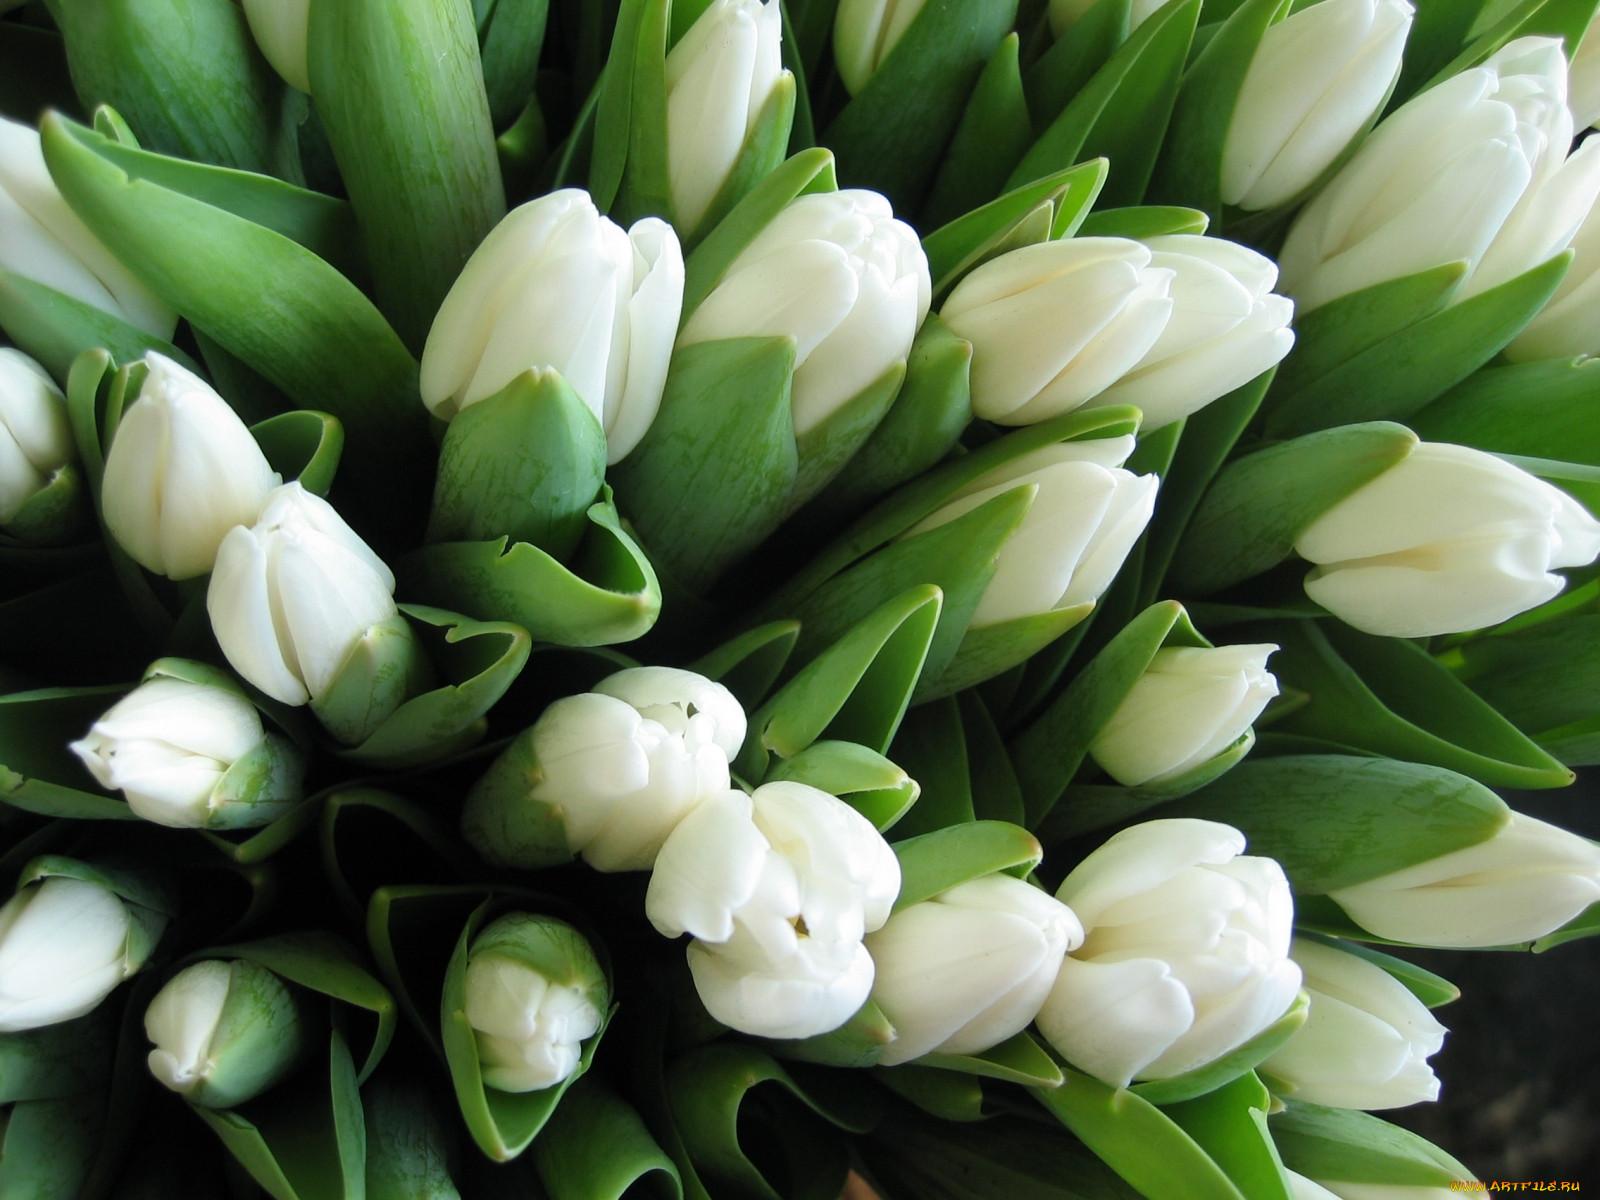 ижевске фото с белыми тюльпанами все